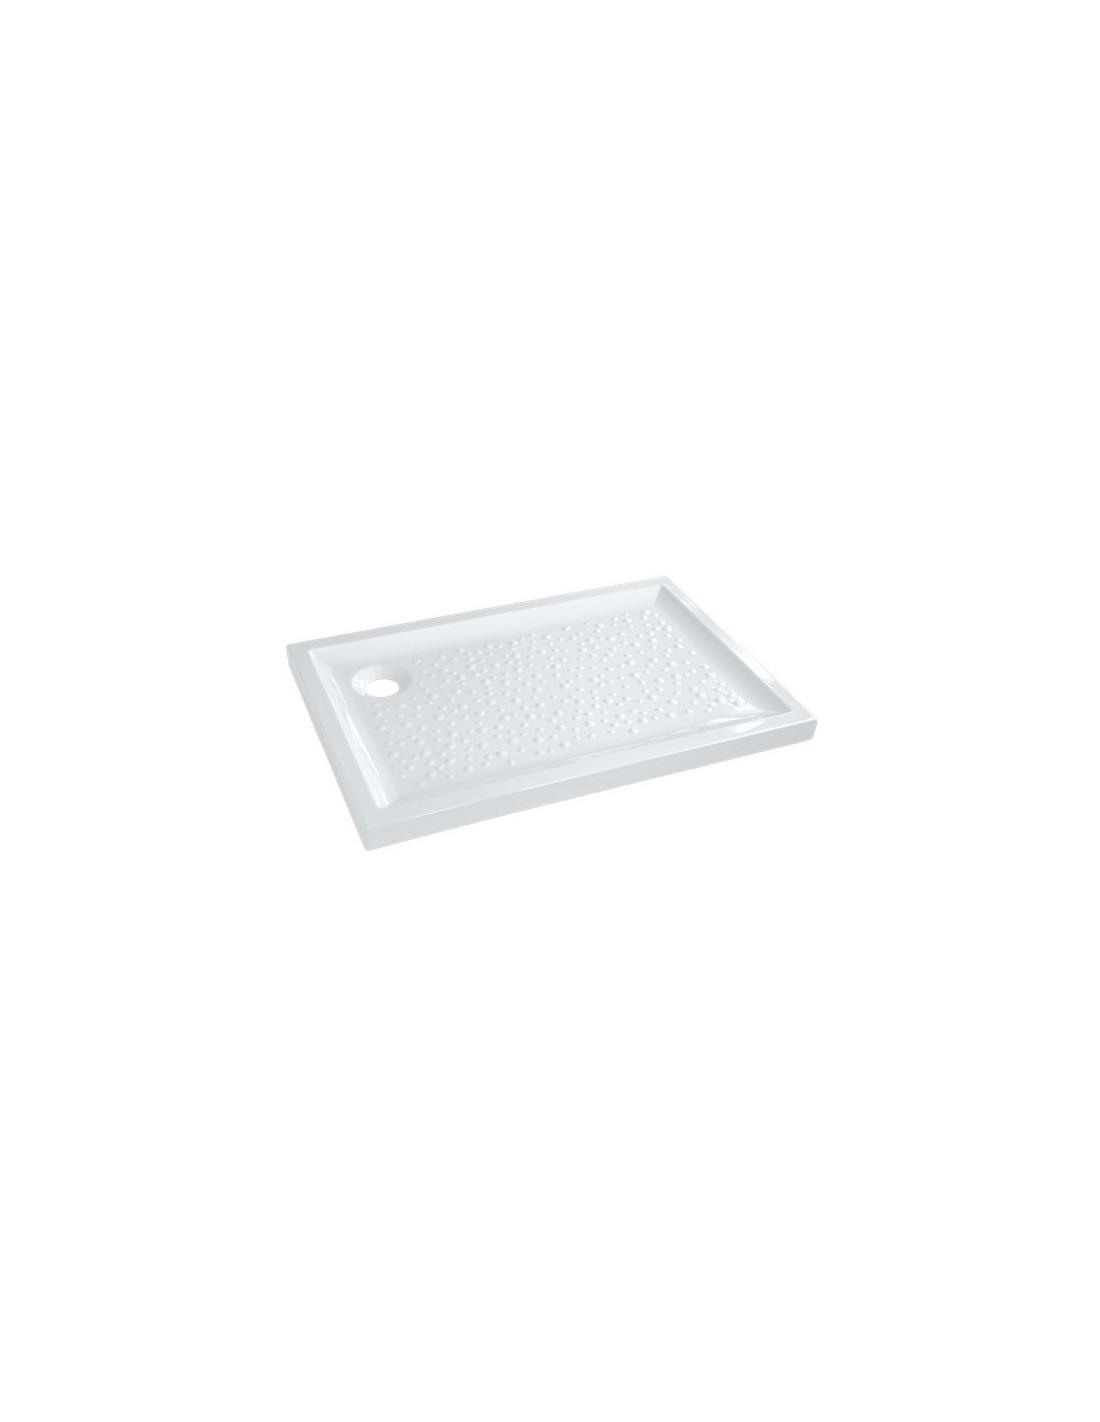 Bac de douche prima extra plat rectangulaire poser - Pose receveur douche extra plat ...